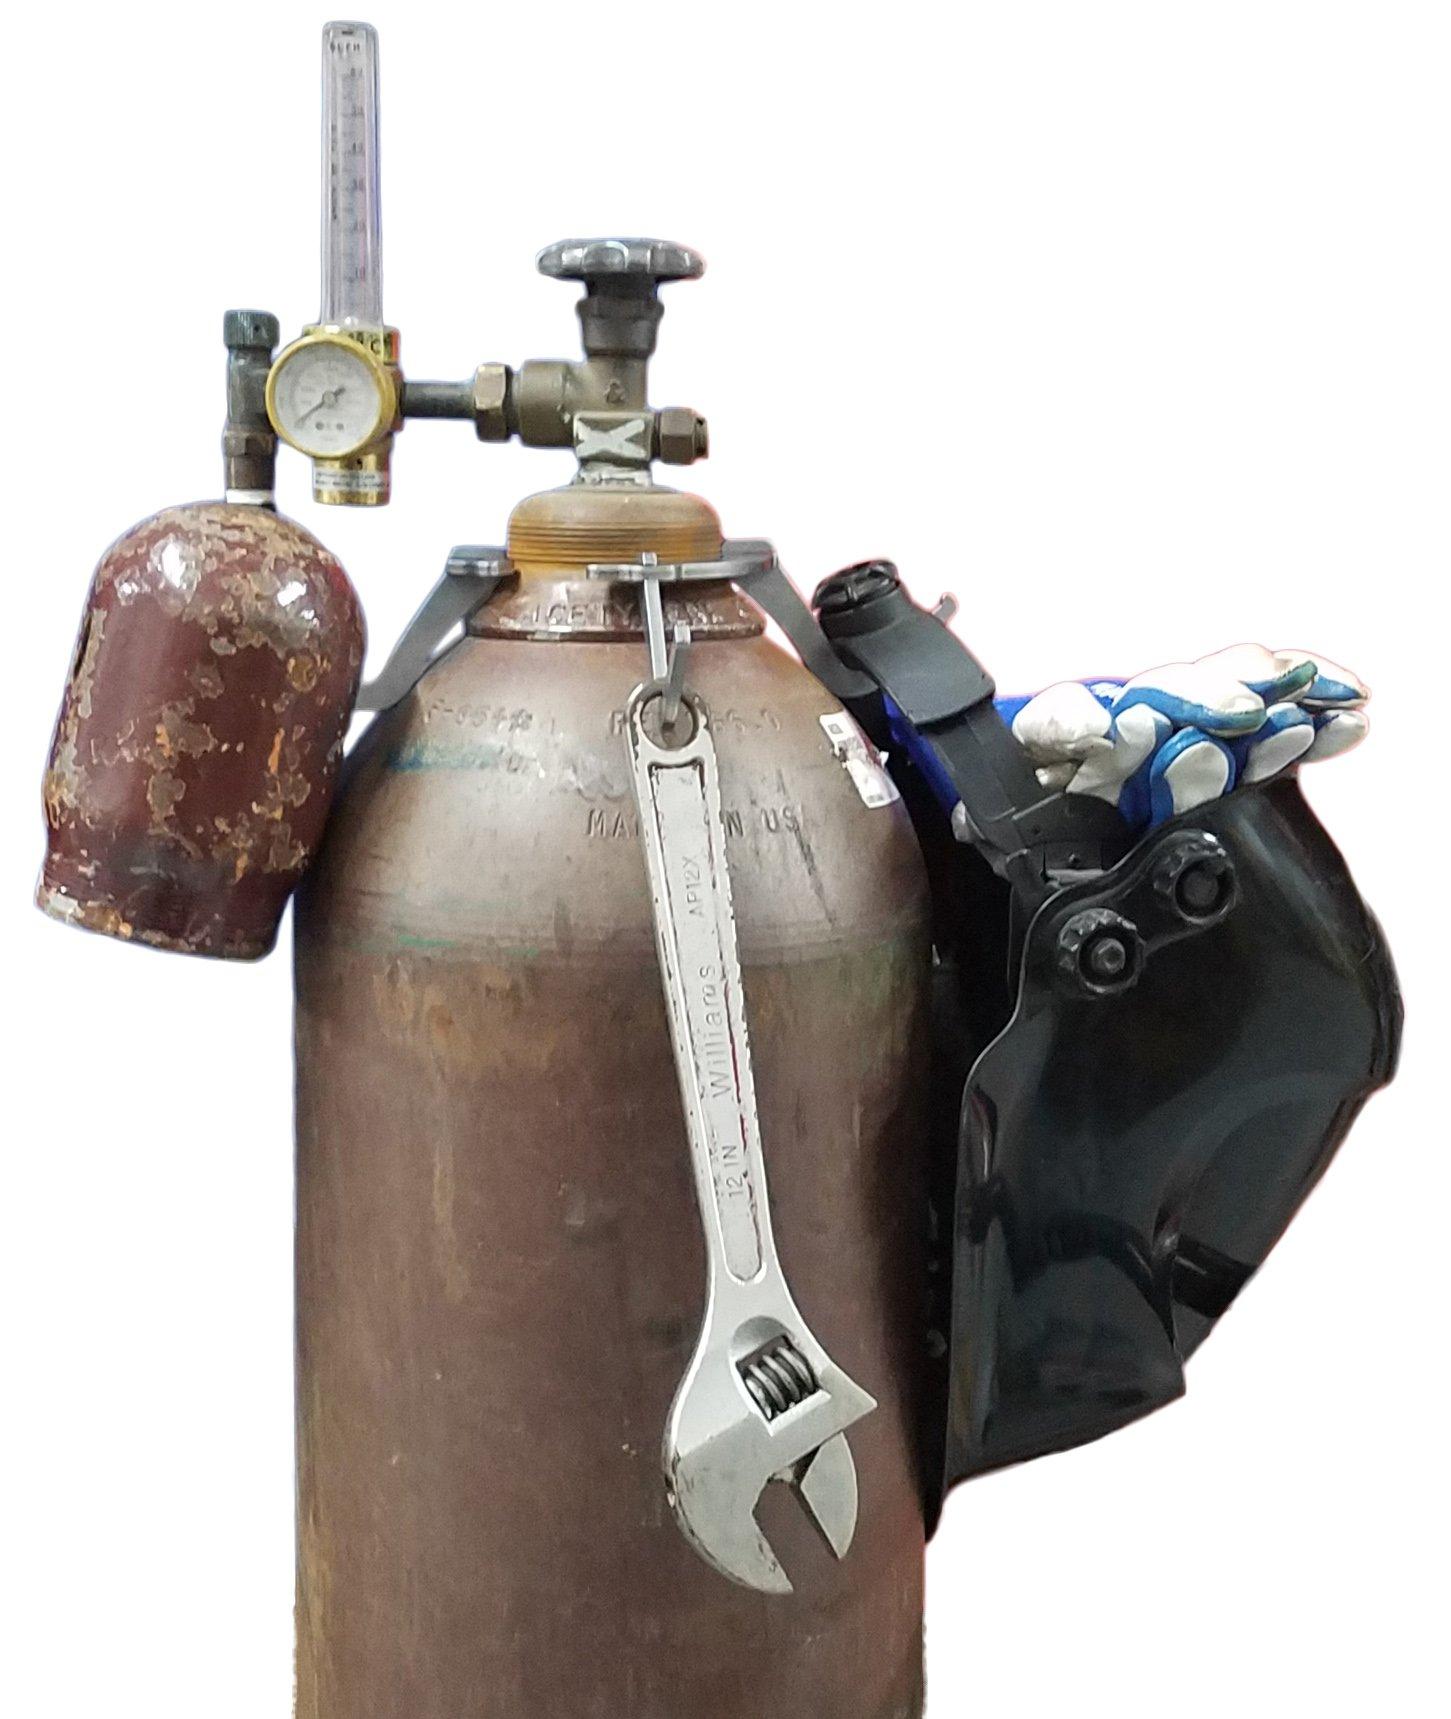 Hel-Hook Steel Welding Hanger Kit